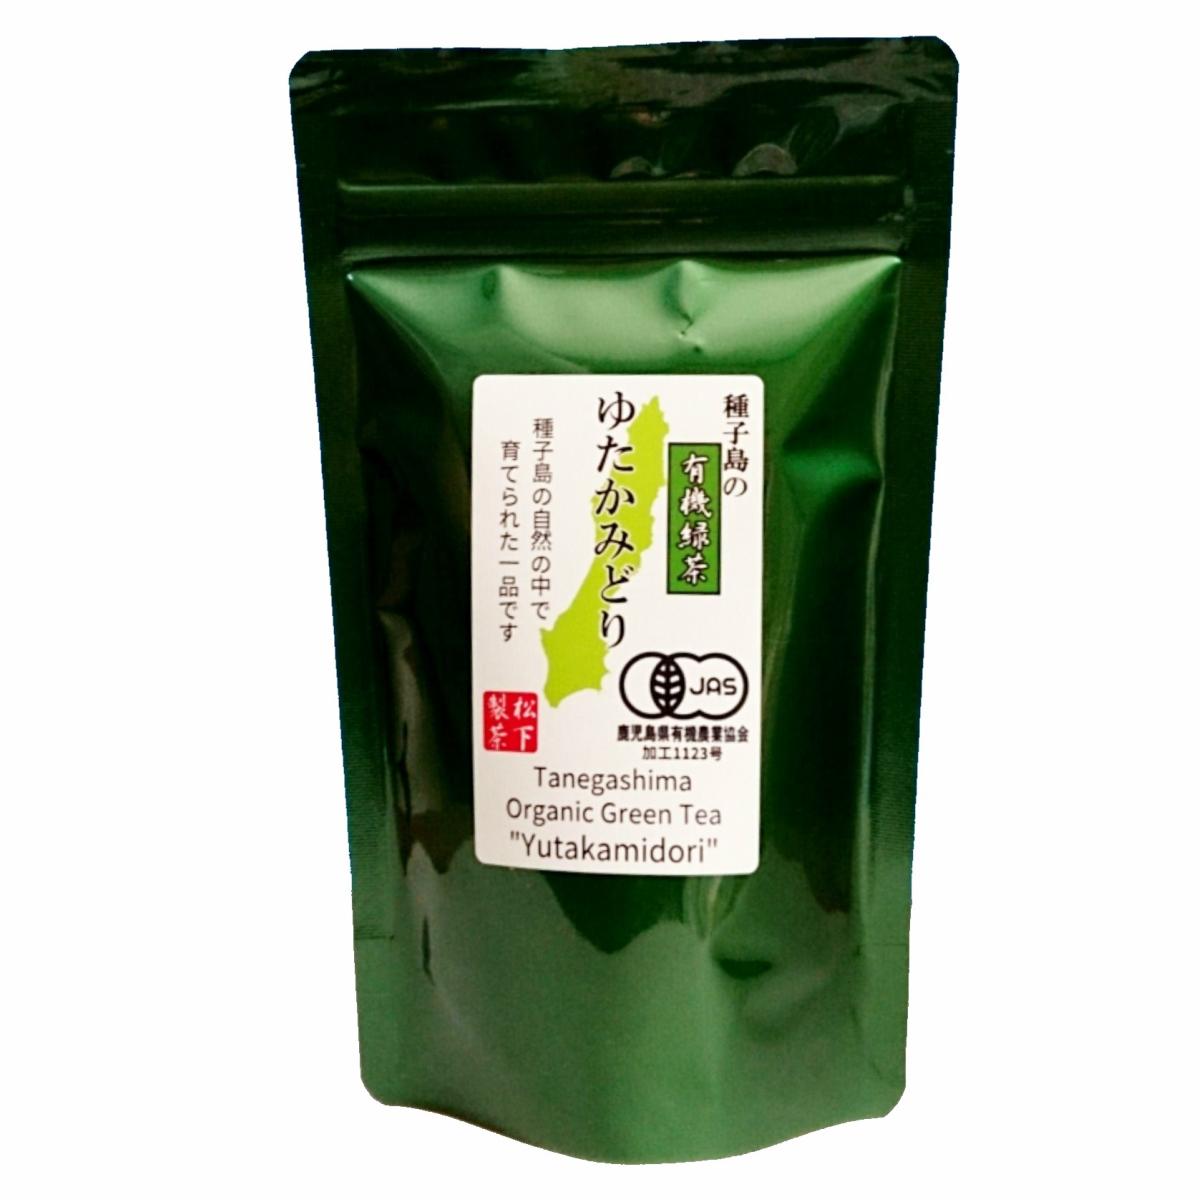 種子島の有機緑茶『ゆたかみどり』 茶葉(リーフ) 100g 松下製茶